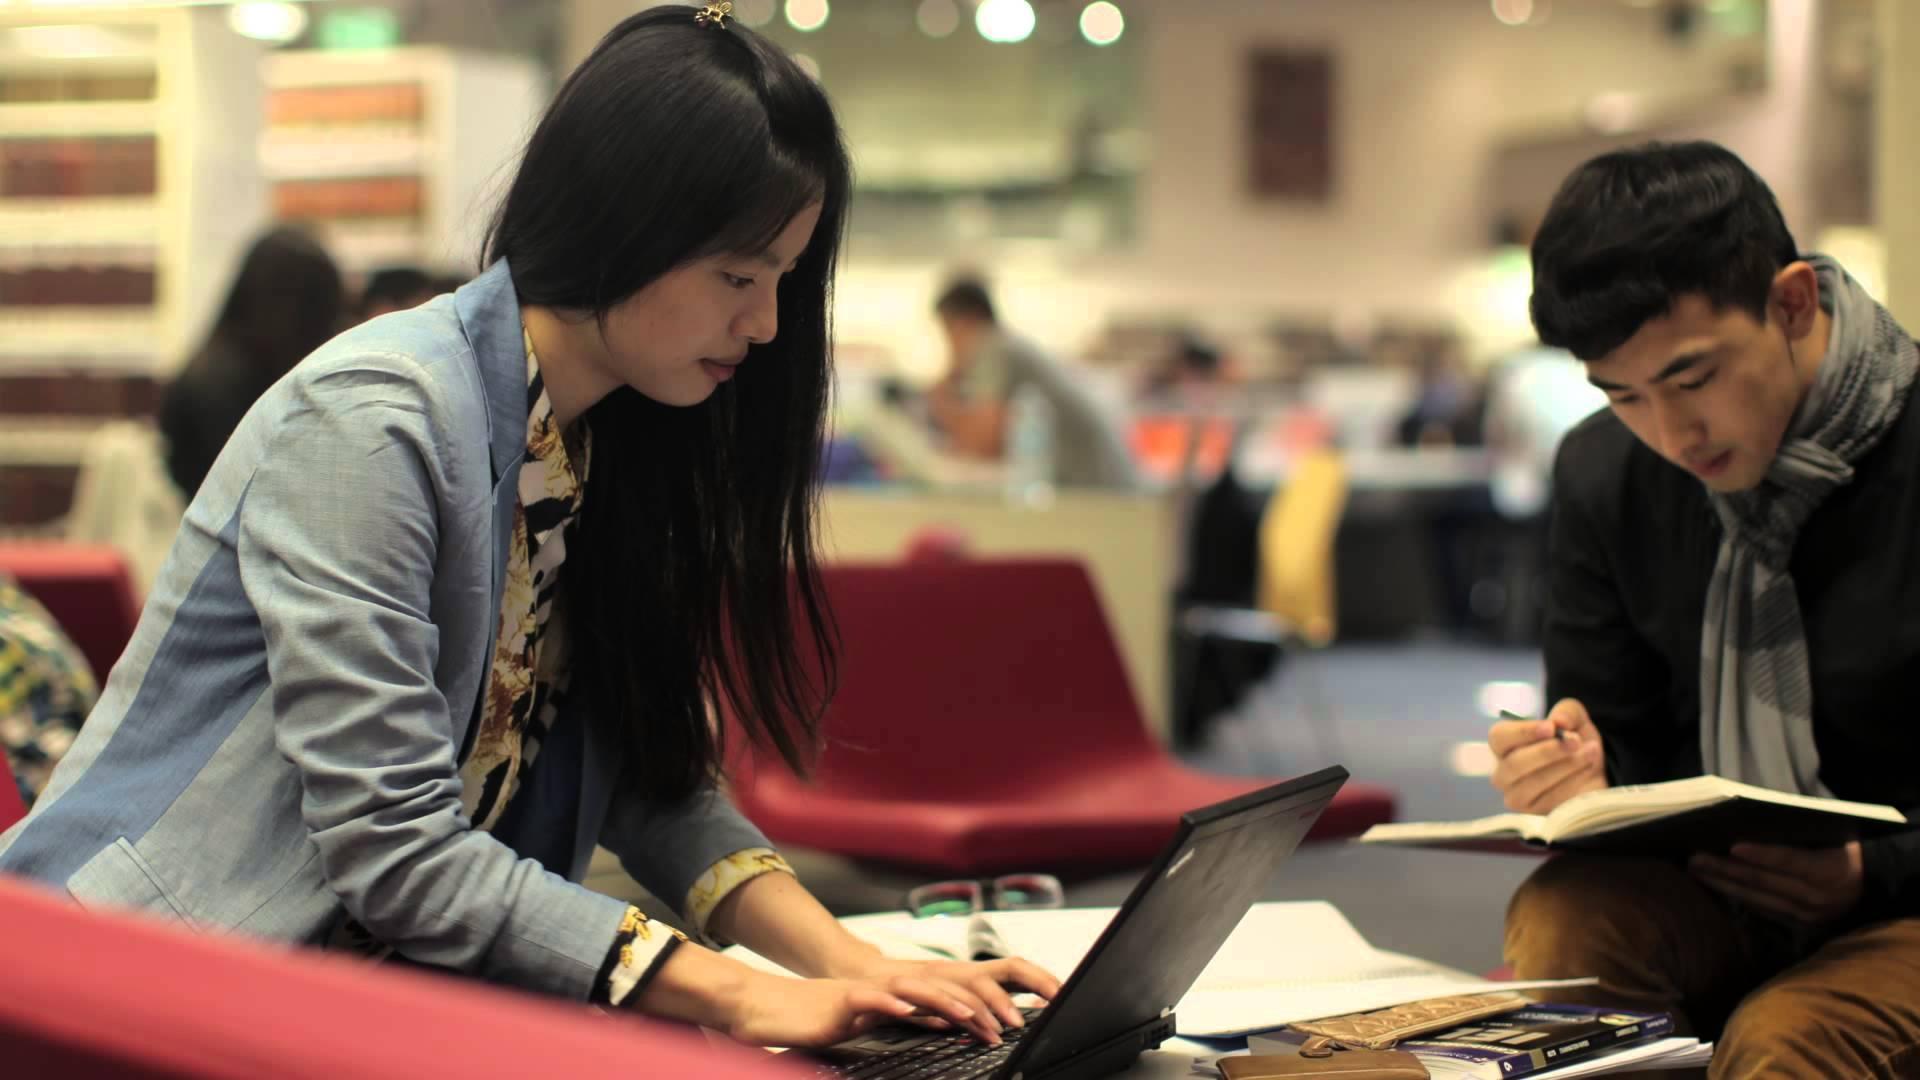 加拿大 中国 留学生 移民 竞争